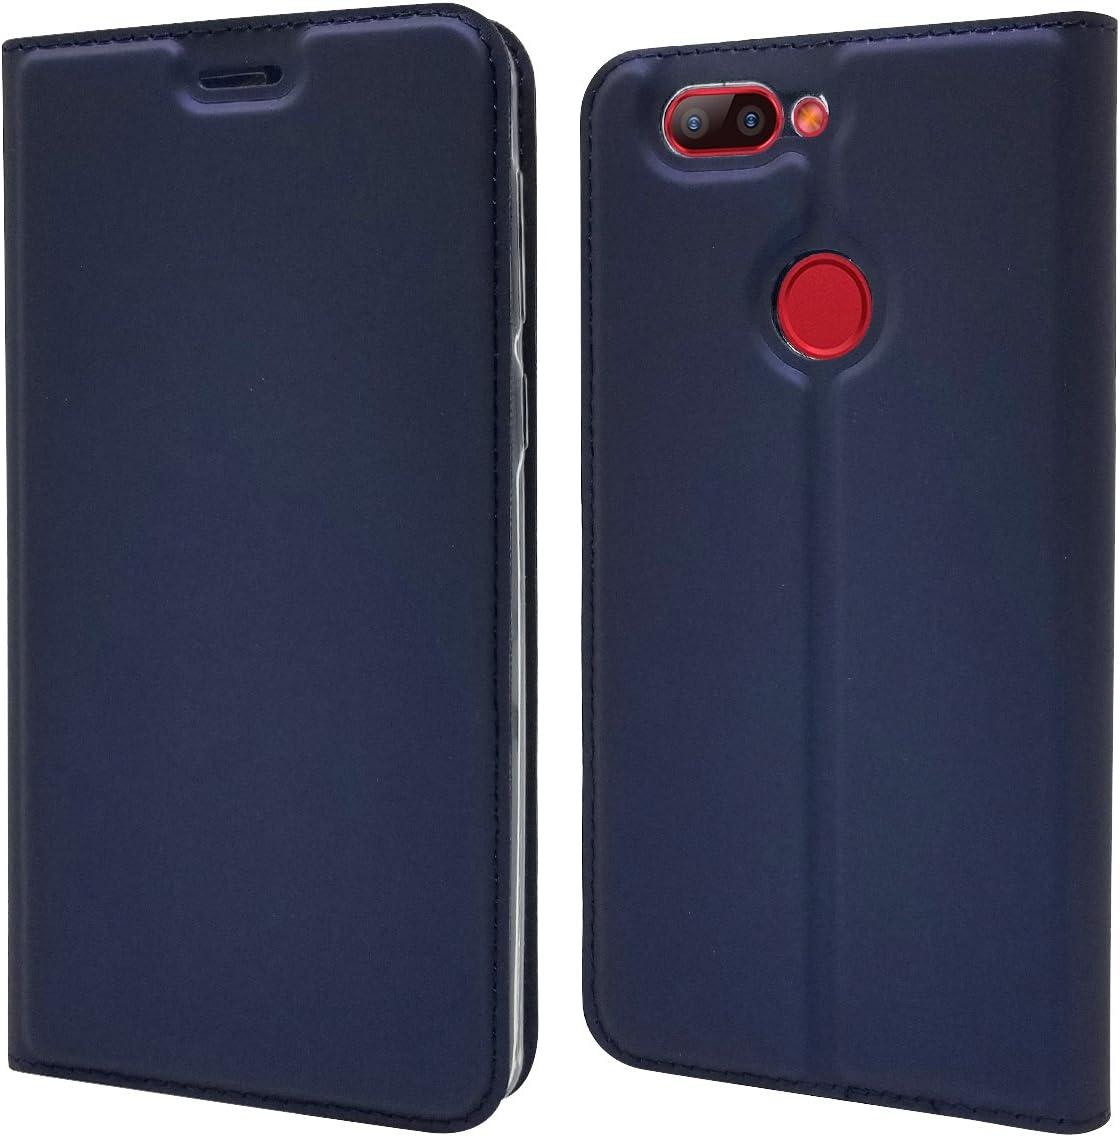 Funda® Ultra Delgado PU TPU Flip Folio Ranura y la Función Stand para Tarjeta para Elephone P8 Mini(Azul Oscuro): Amazon.es: Electrónica